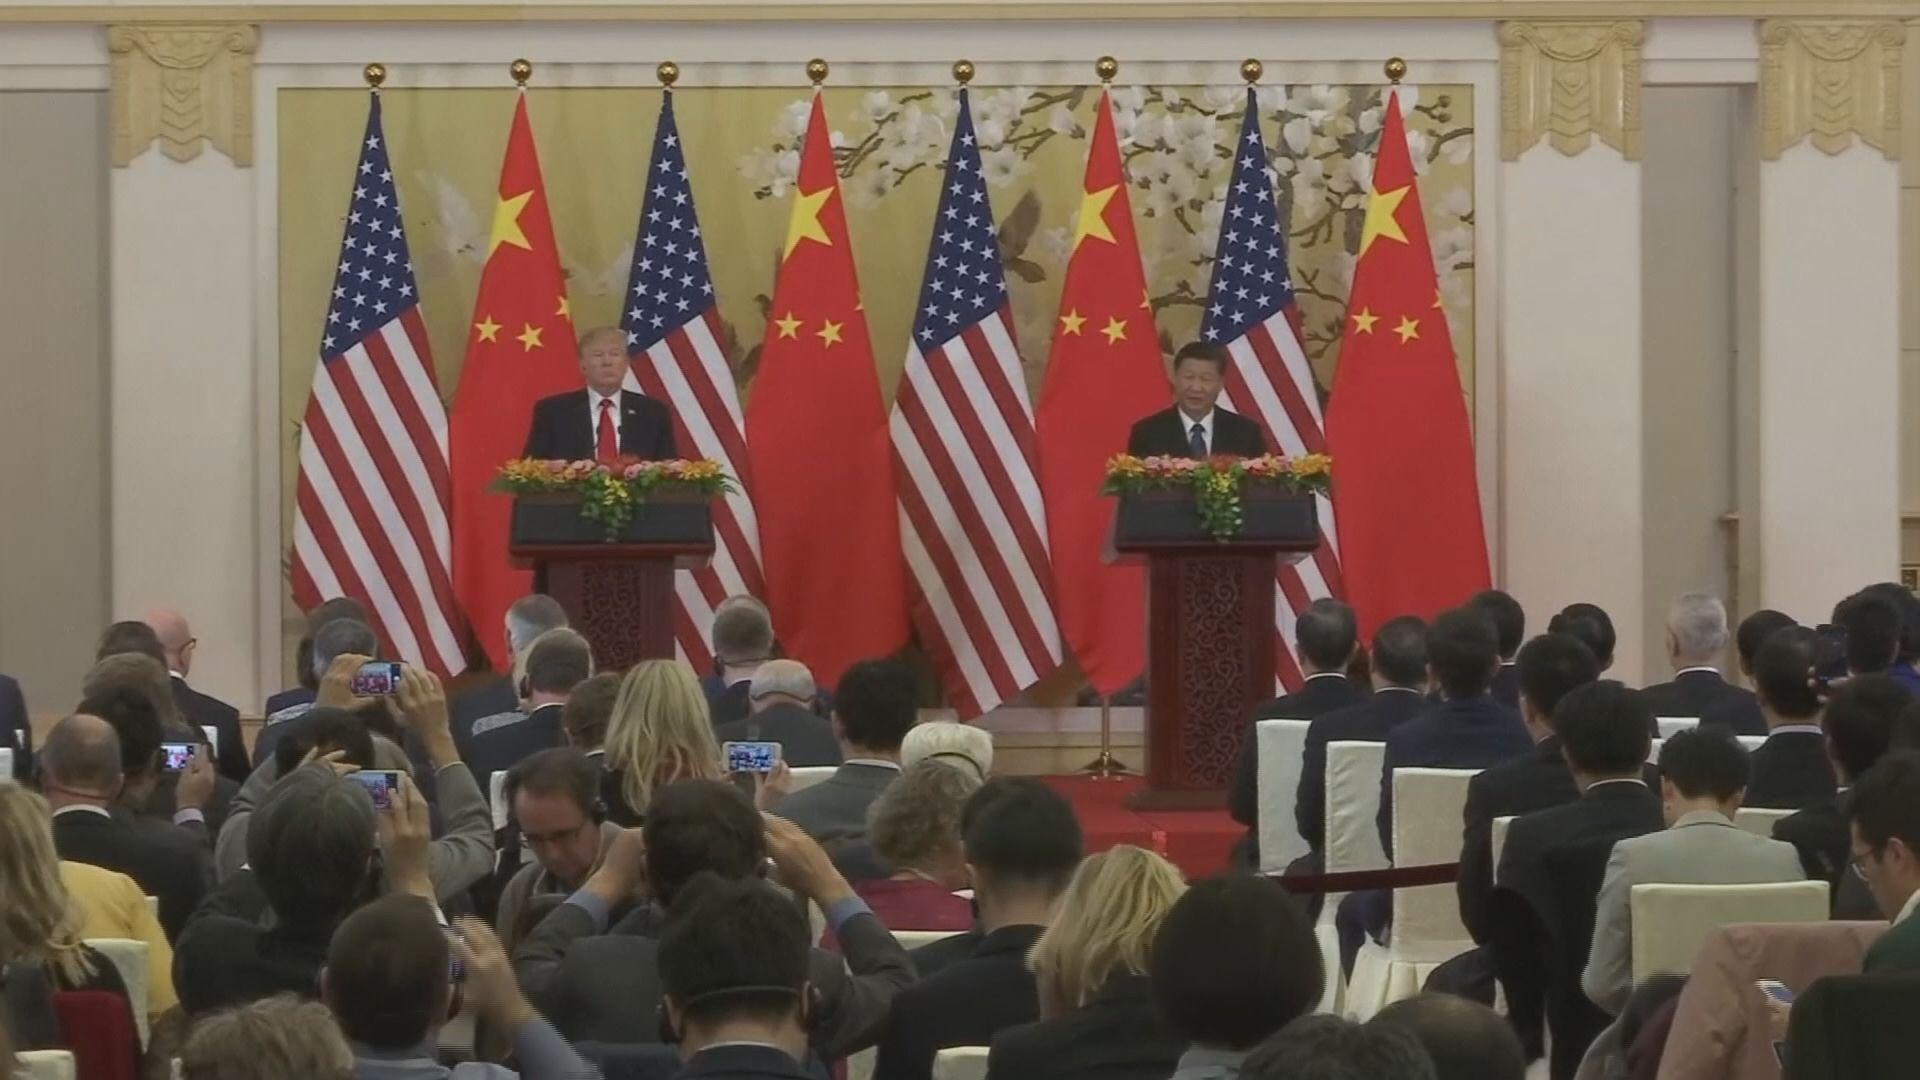 【中美貿戰】G20峰會「習特會」隨時泡湯